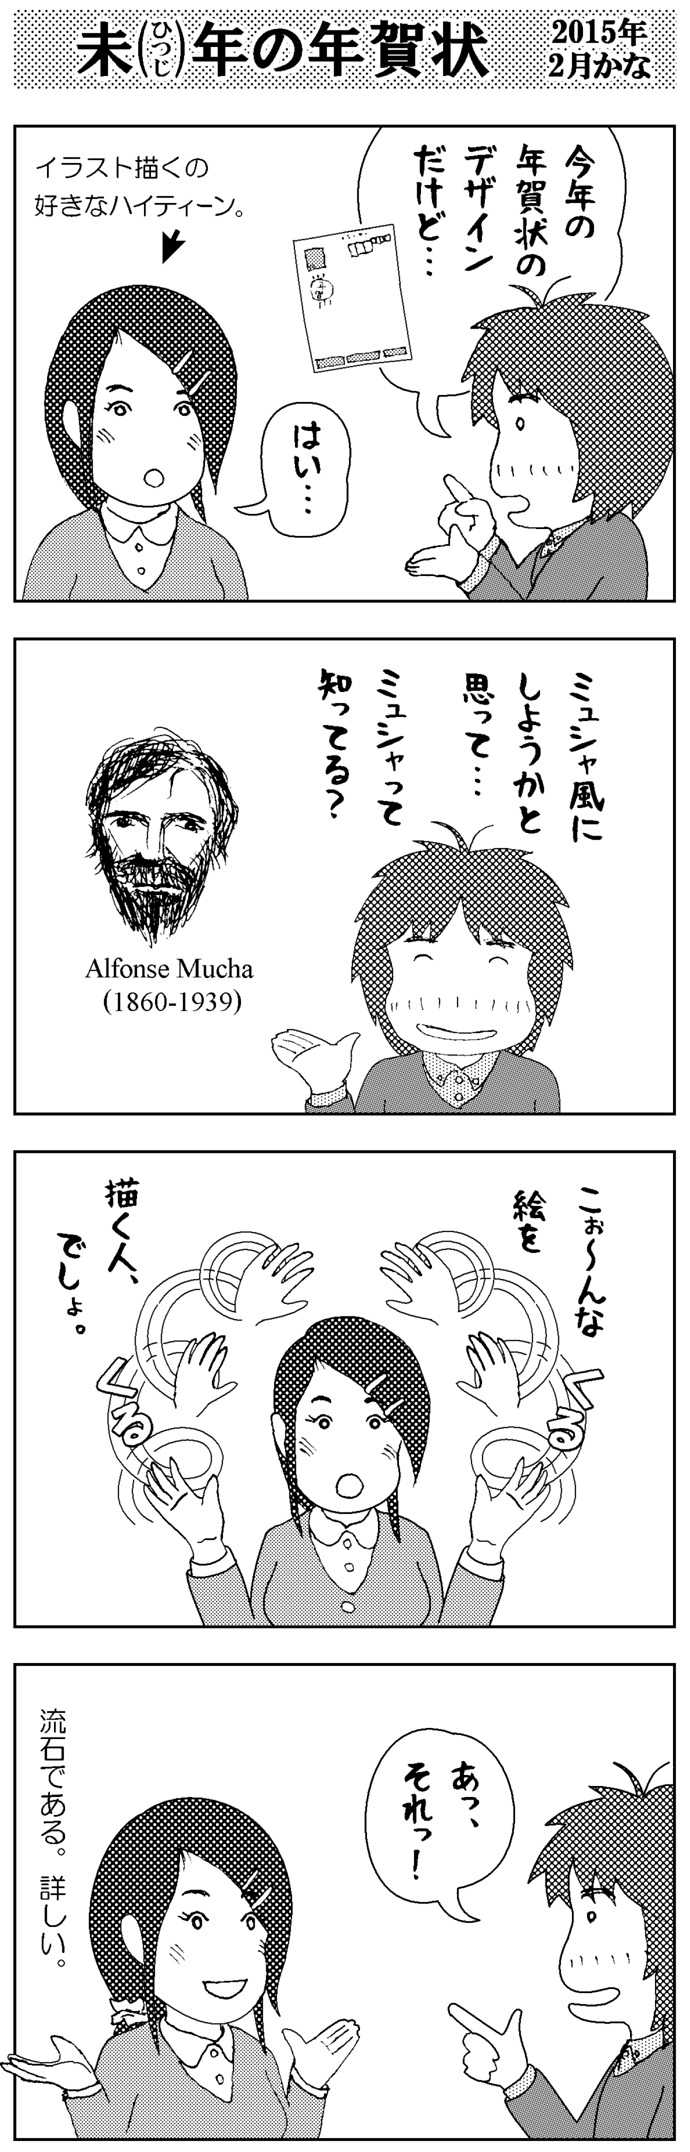 未(ひつじ)年の年賀状